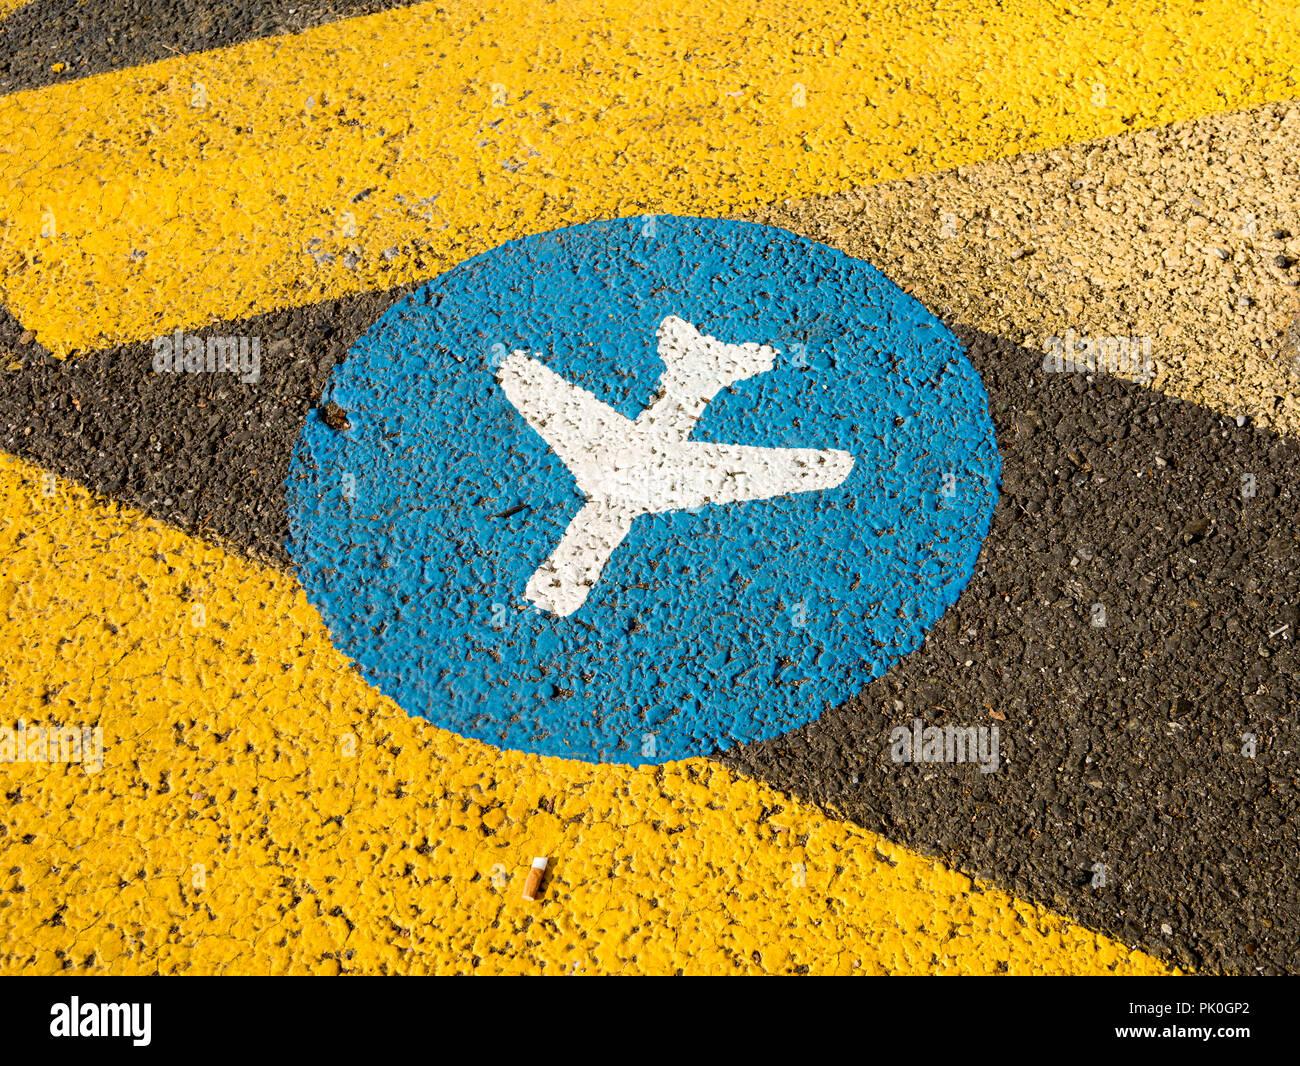 Abflug - Stock Image